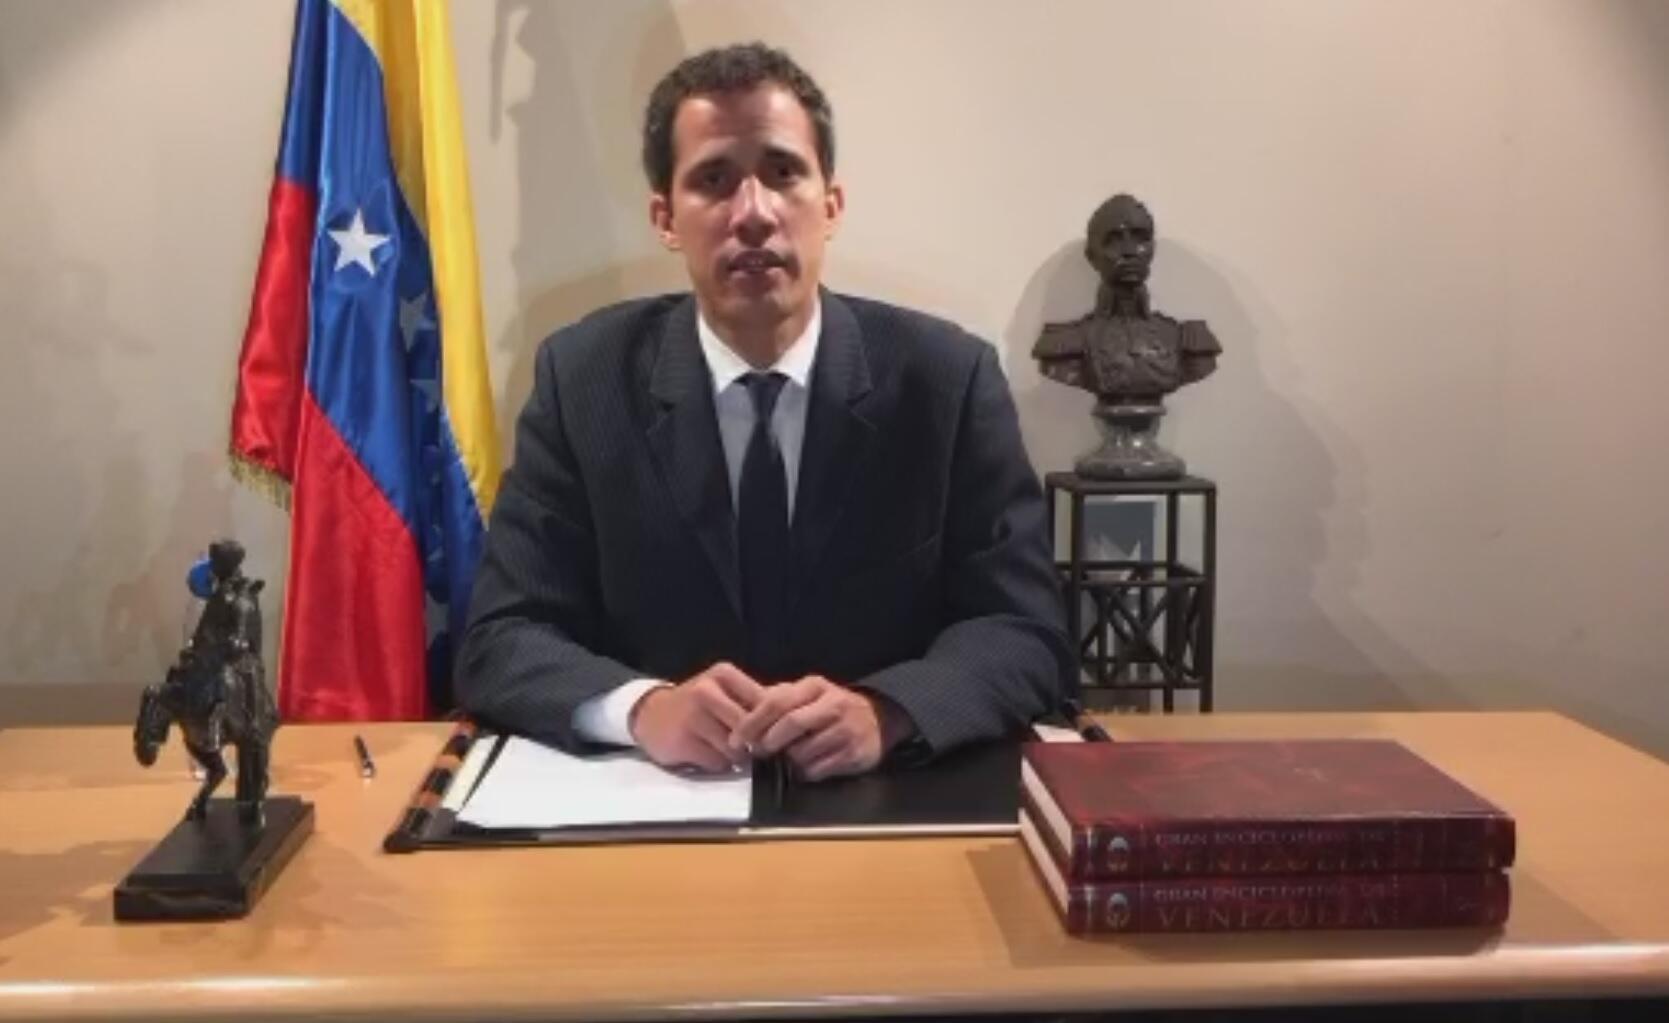 Le président du Parlement vénézuélien et président autoproclamé, Juan Guaido, s'est exprimé dimanche soir en direct sur Twitter.